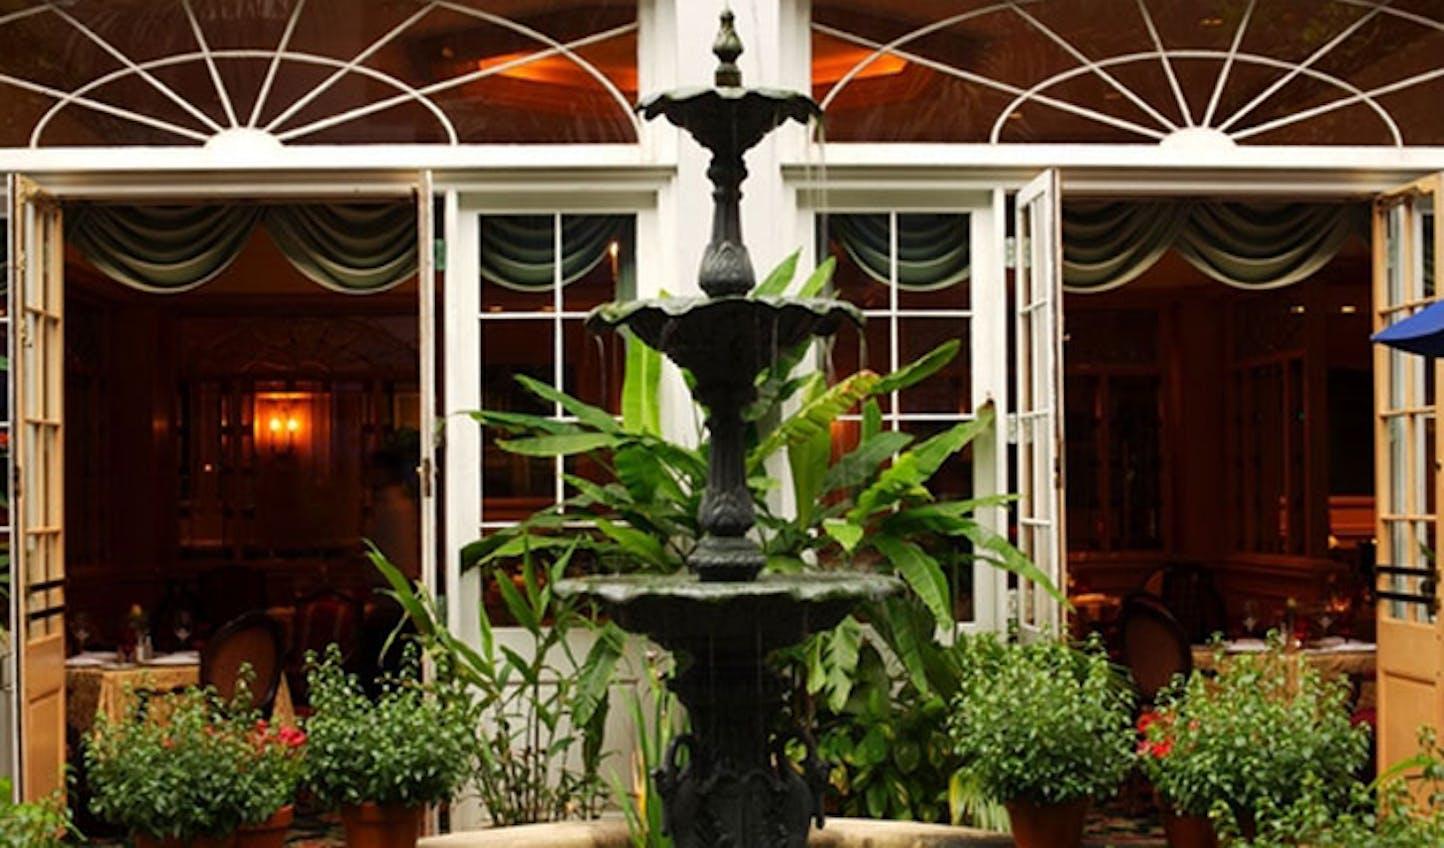 The Royal Sonesta Hotel